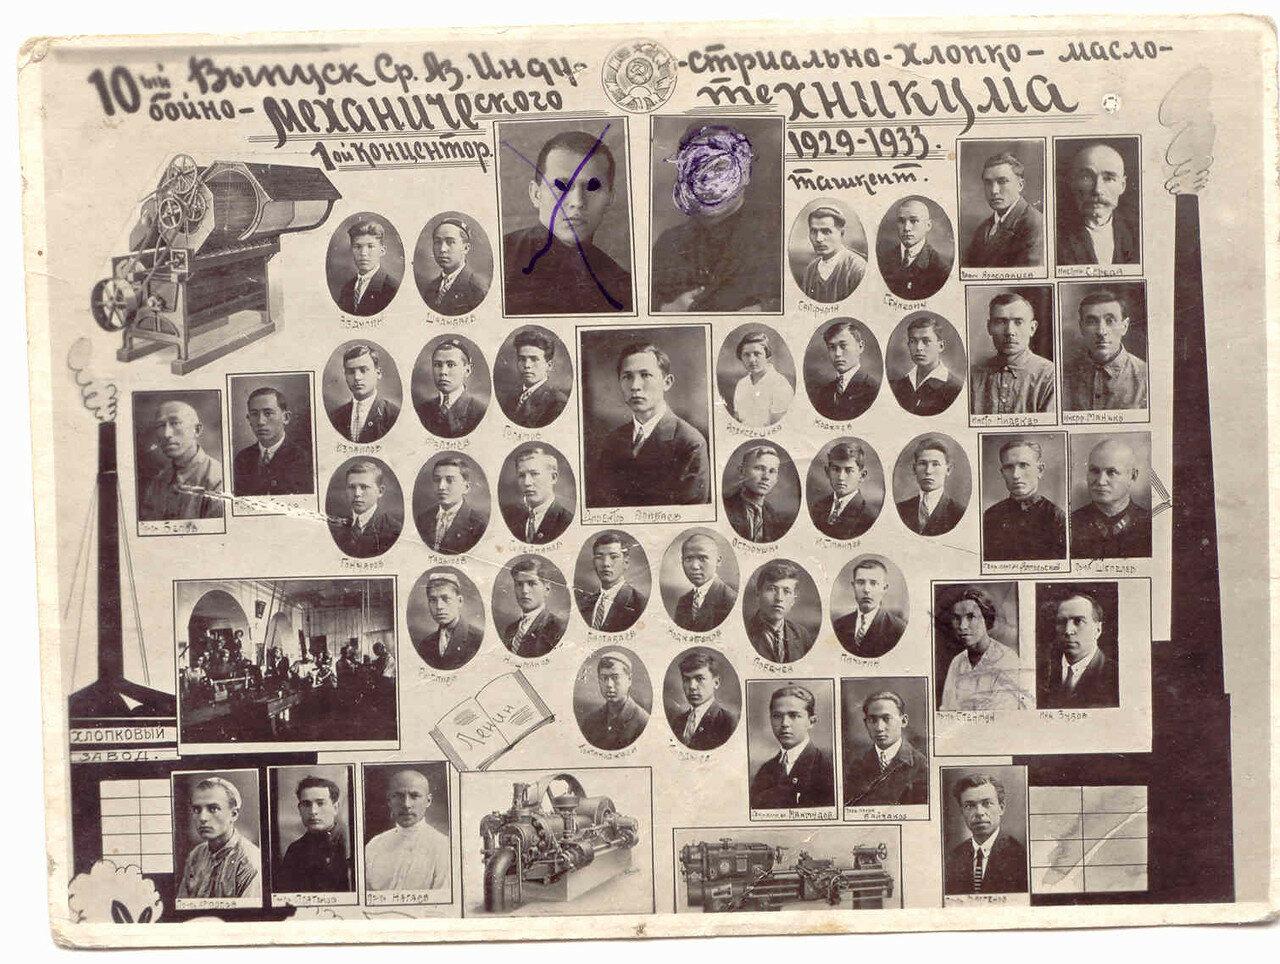 1929-1933. Средне Азиатский Индустриально-хлопко-маслобойно-механический техникум